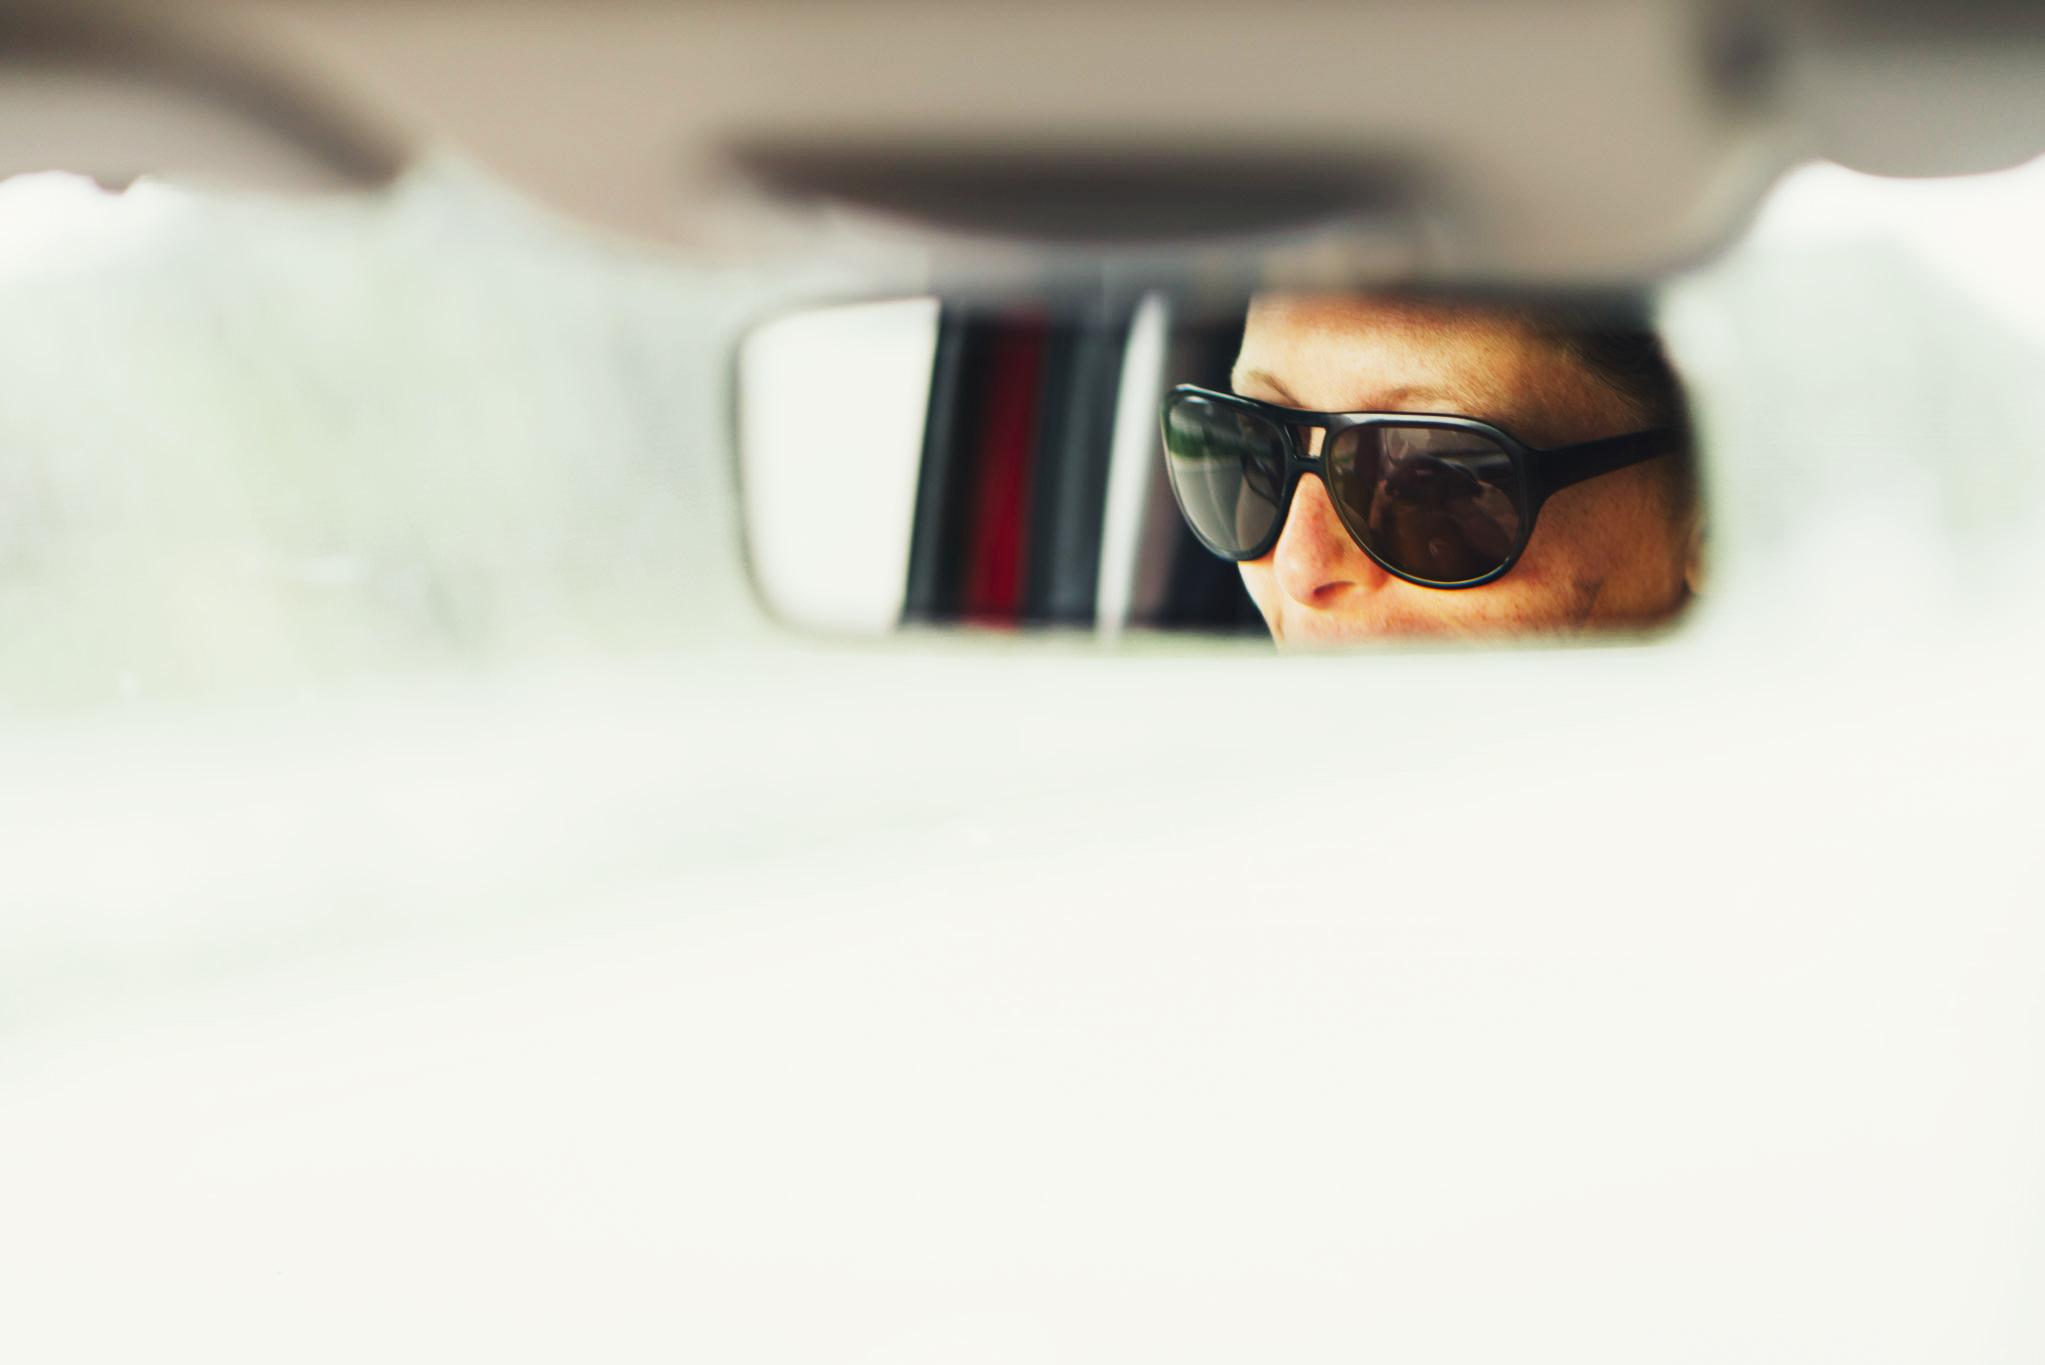 Trusty Chauffeur